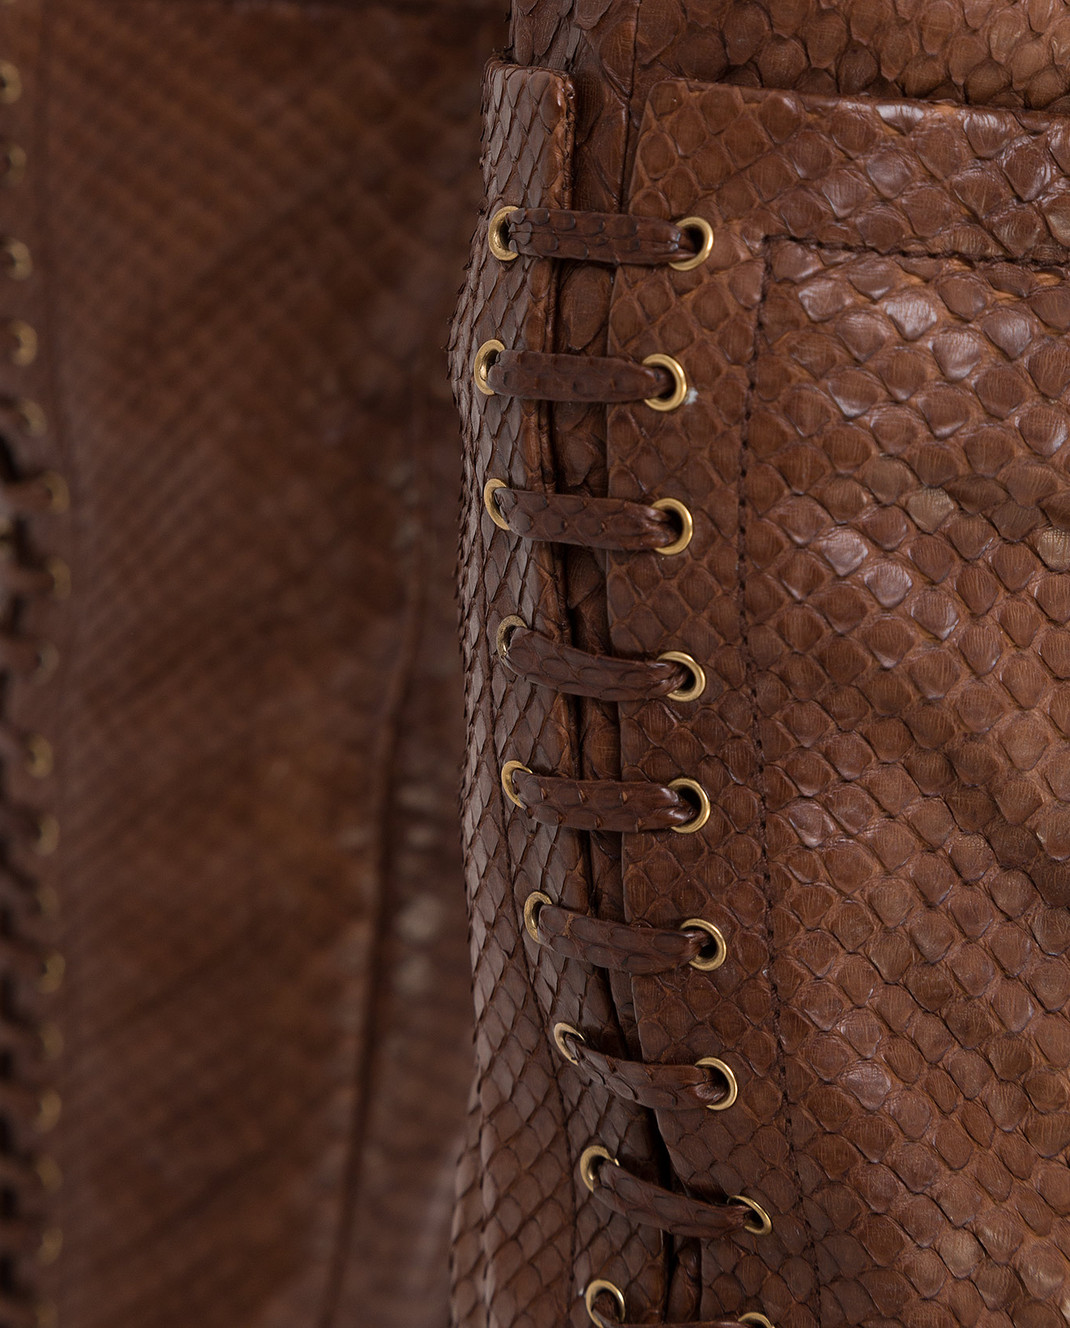 Gucci Коричневые брюки из кожи питона 264366 изображение 5